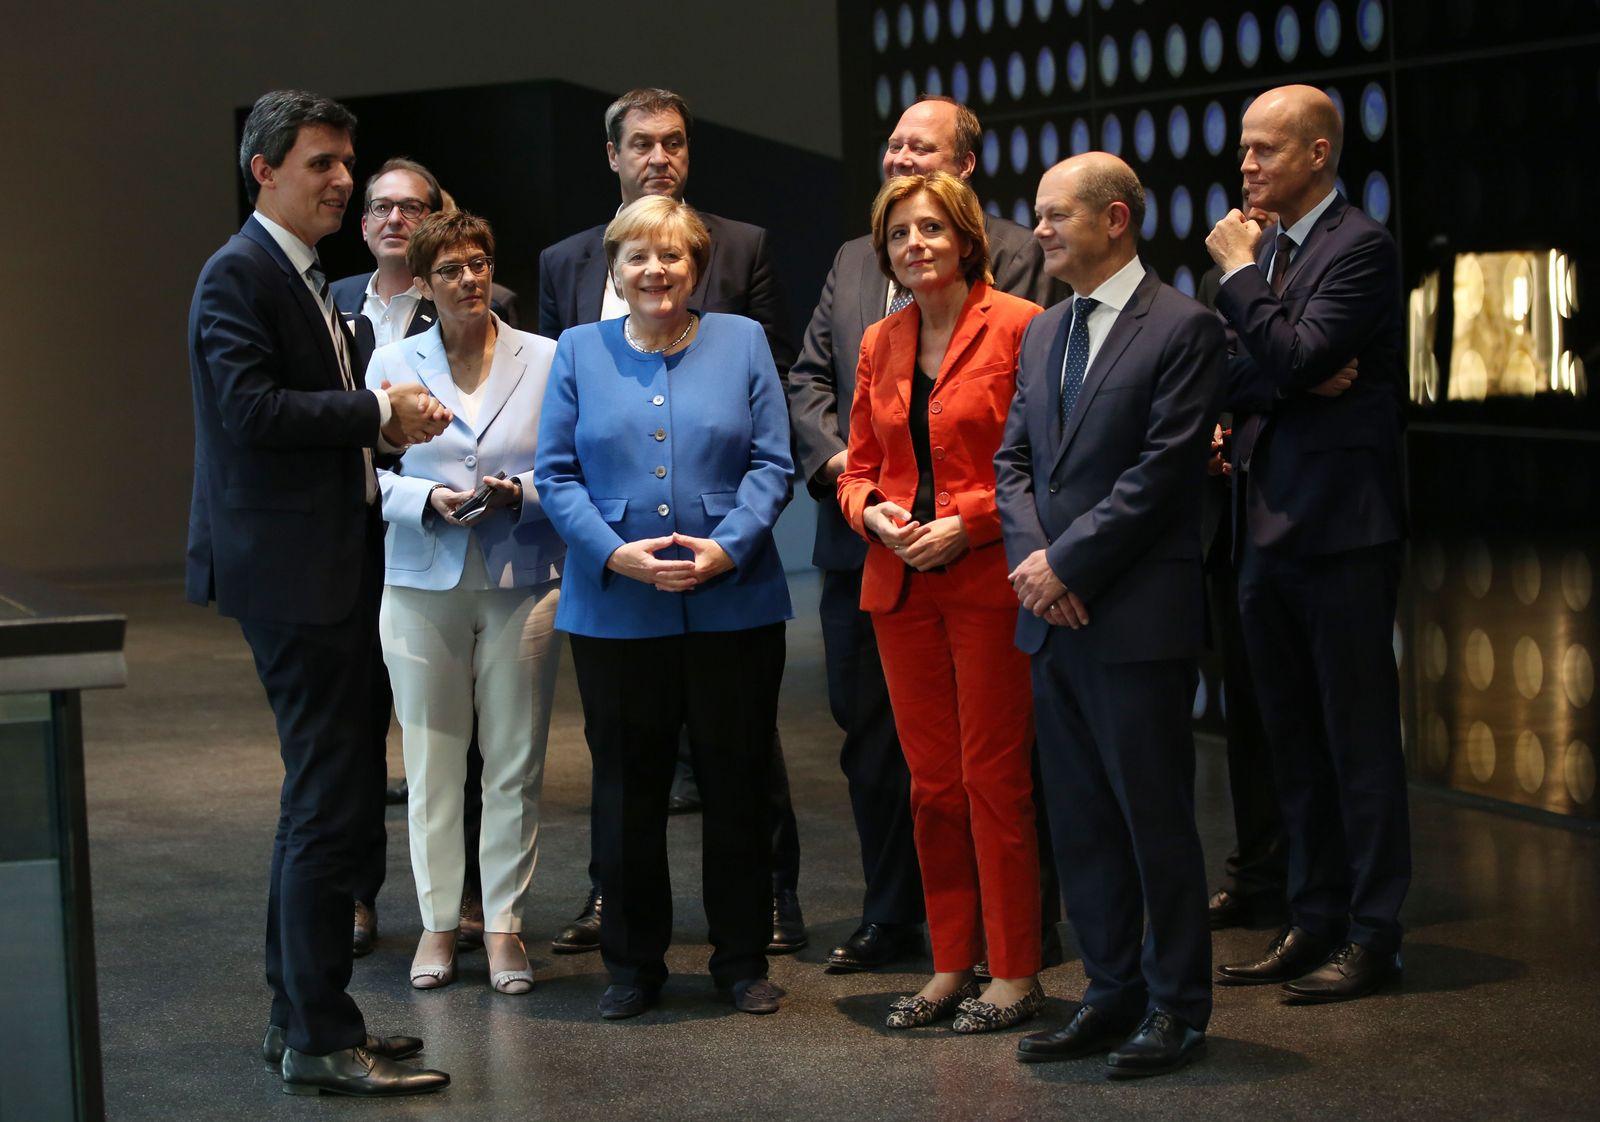 Klimapaket/ Koalitionsausschuss/ Gruppenfoto/ 2019